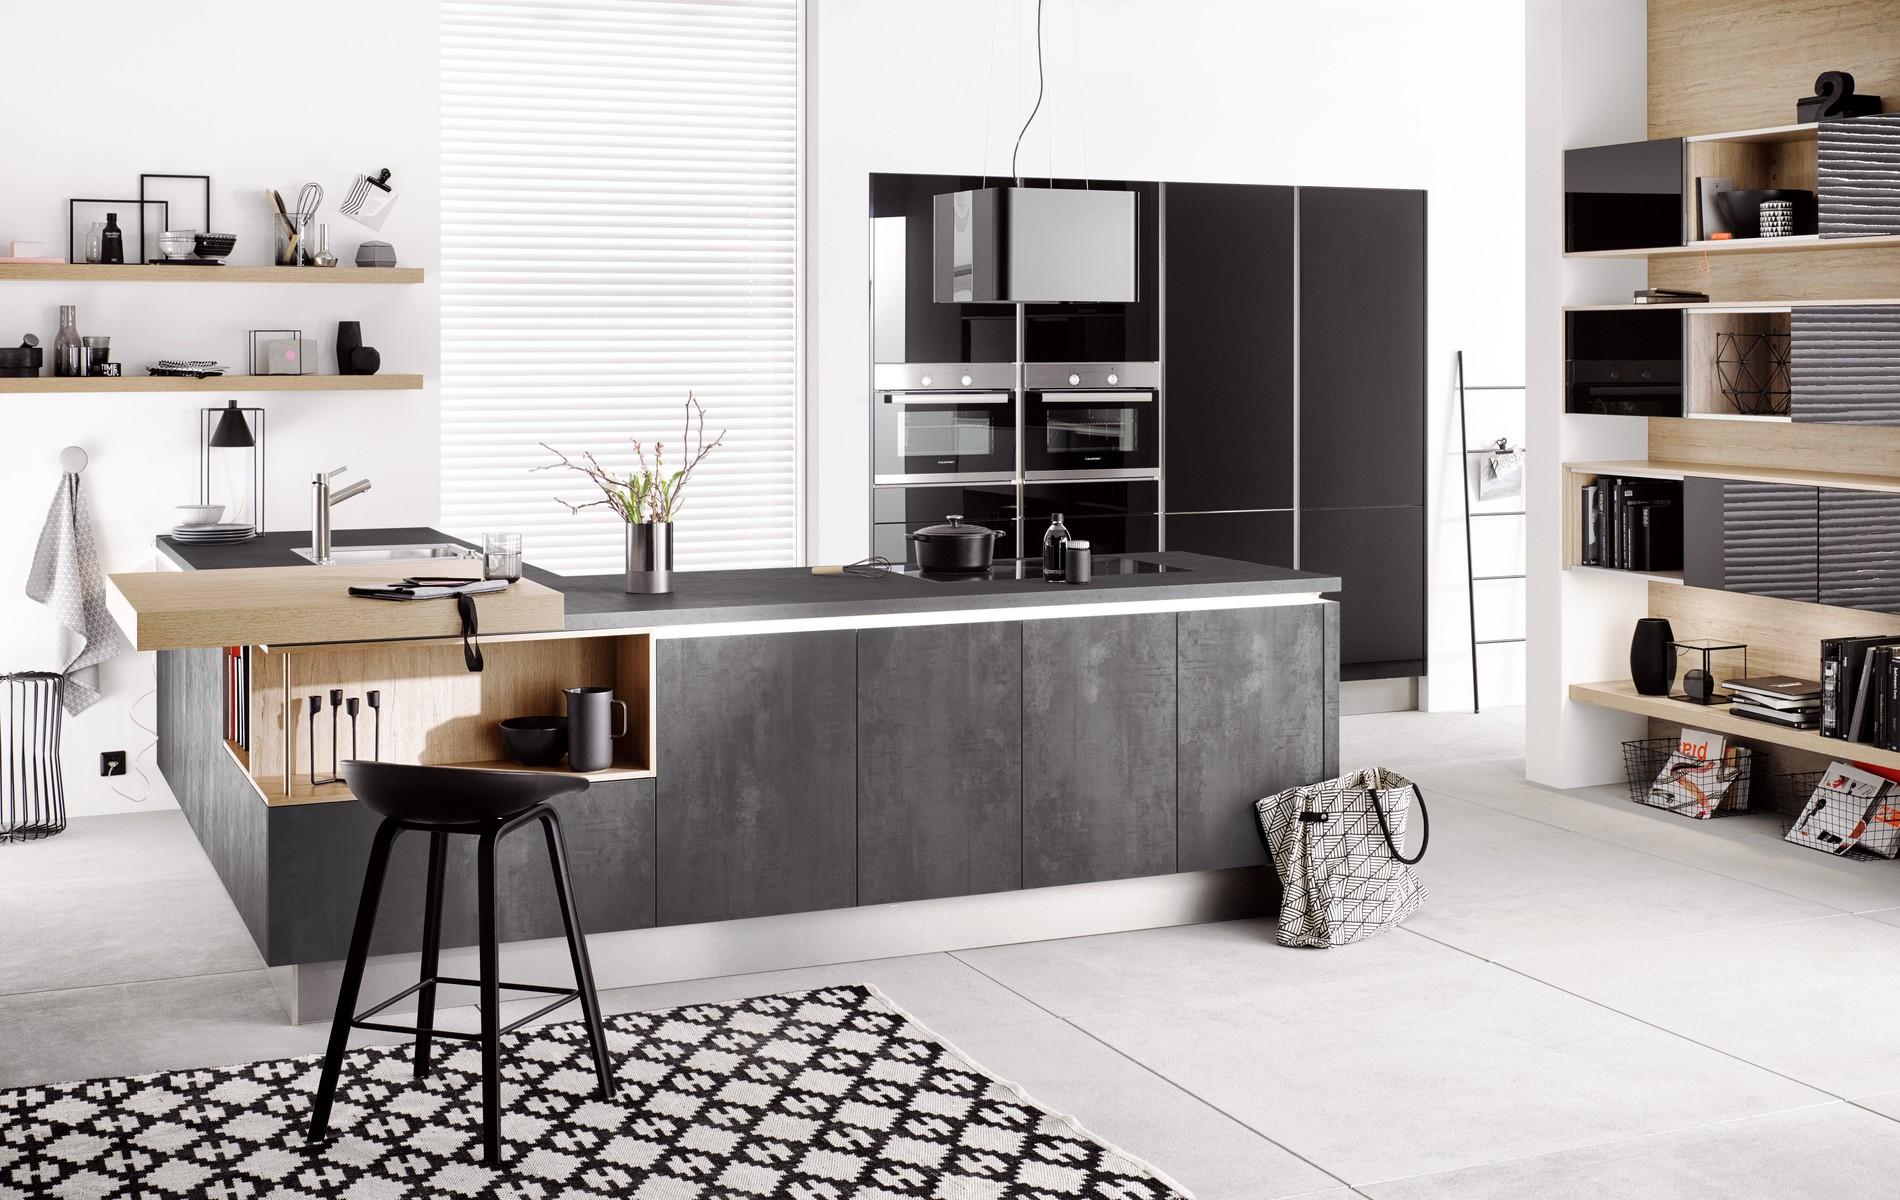 Häcker Küchen präsentiert neue Fronten in Betonoptik ...